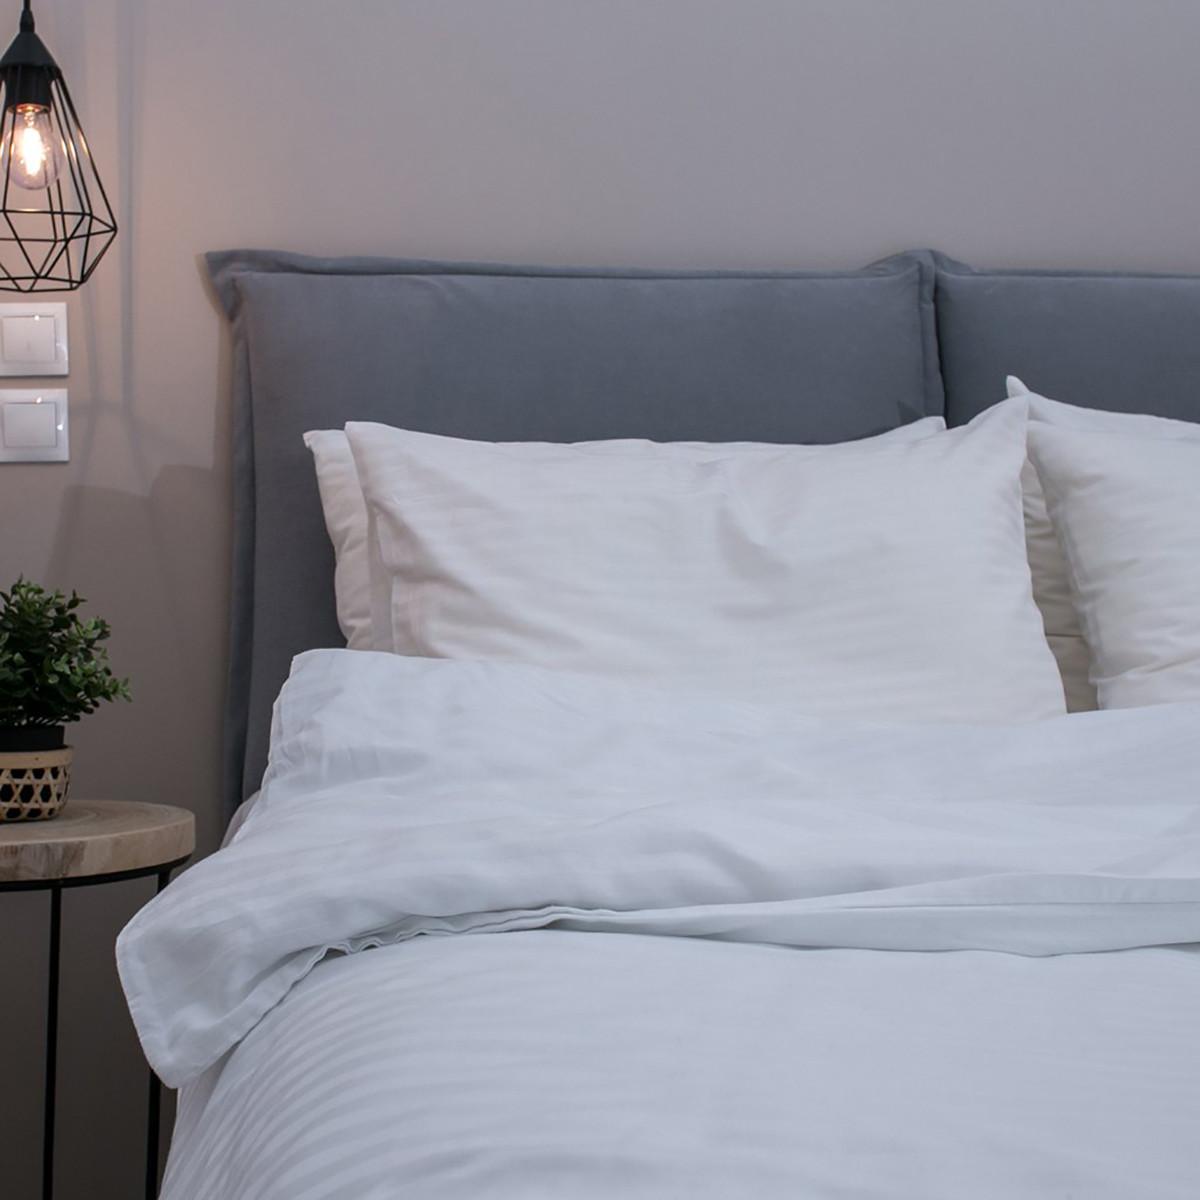 Σεντόνια Μονά (Σετ) White Fabric Stripy White